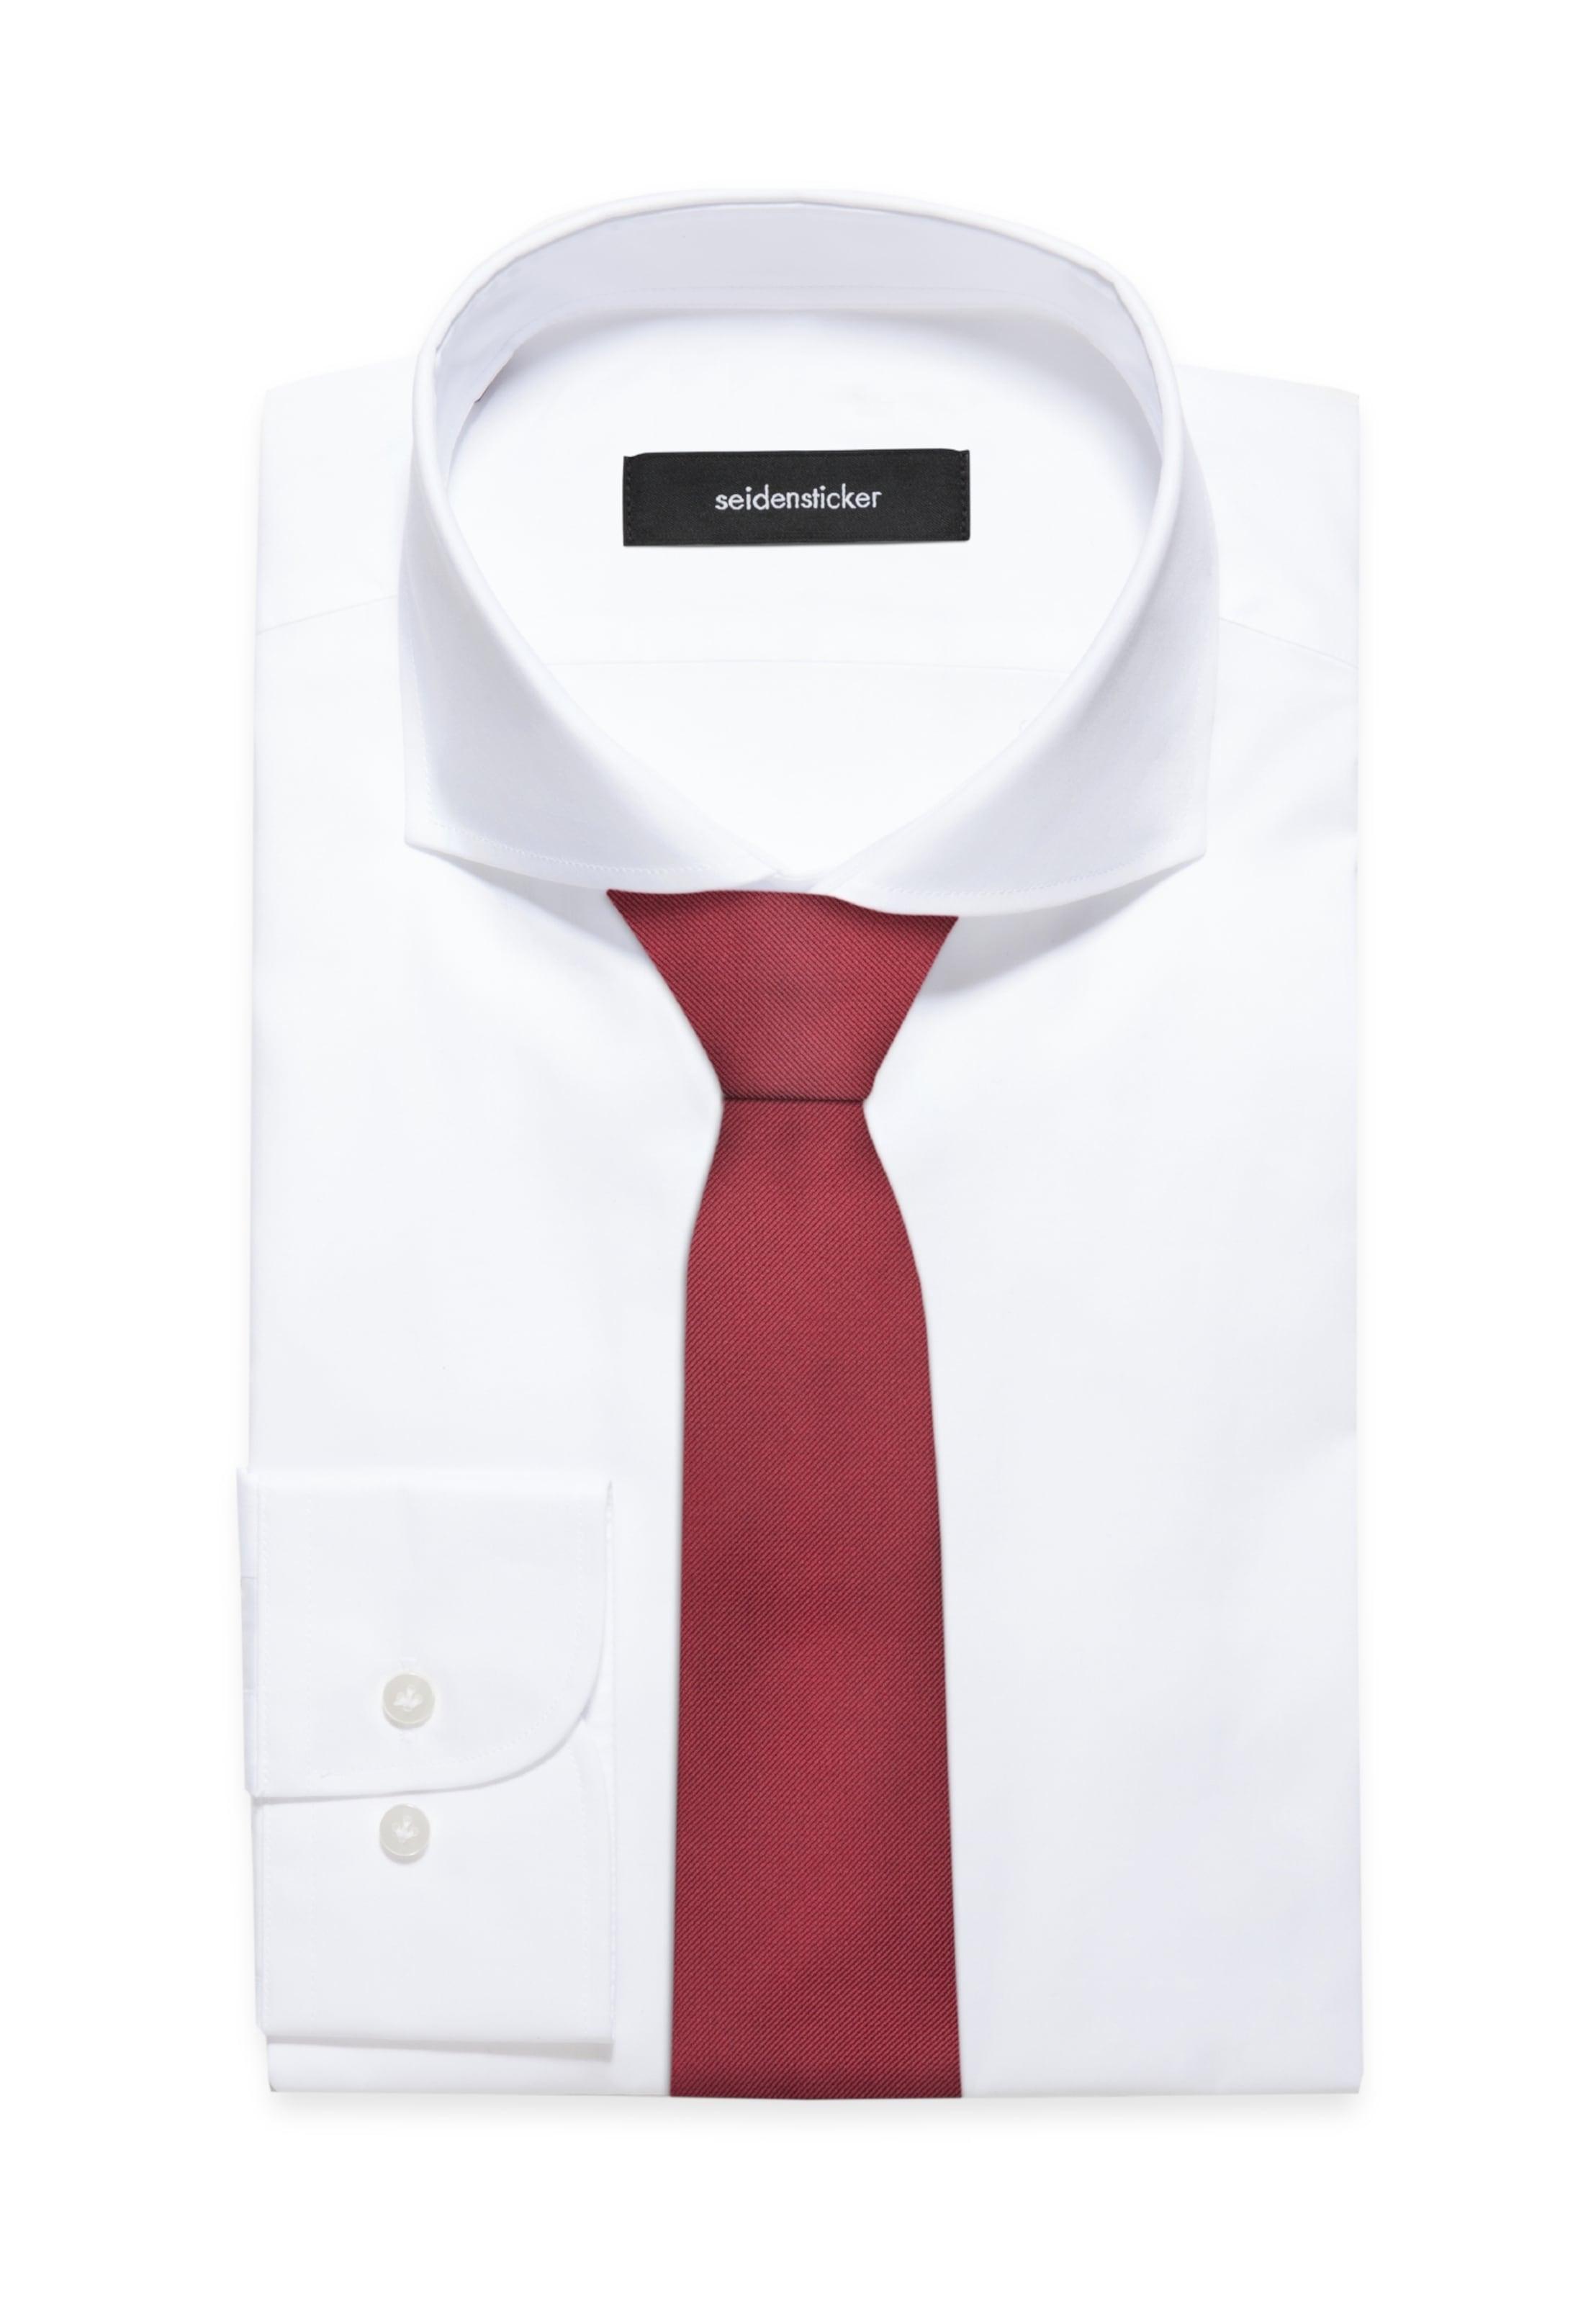 SEIDENSTICKER Krawatte ' Schwarze Rose ' Spielraum Schnelle Lieferung coZVAVPThL